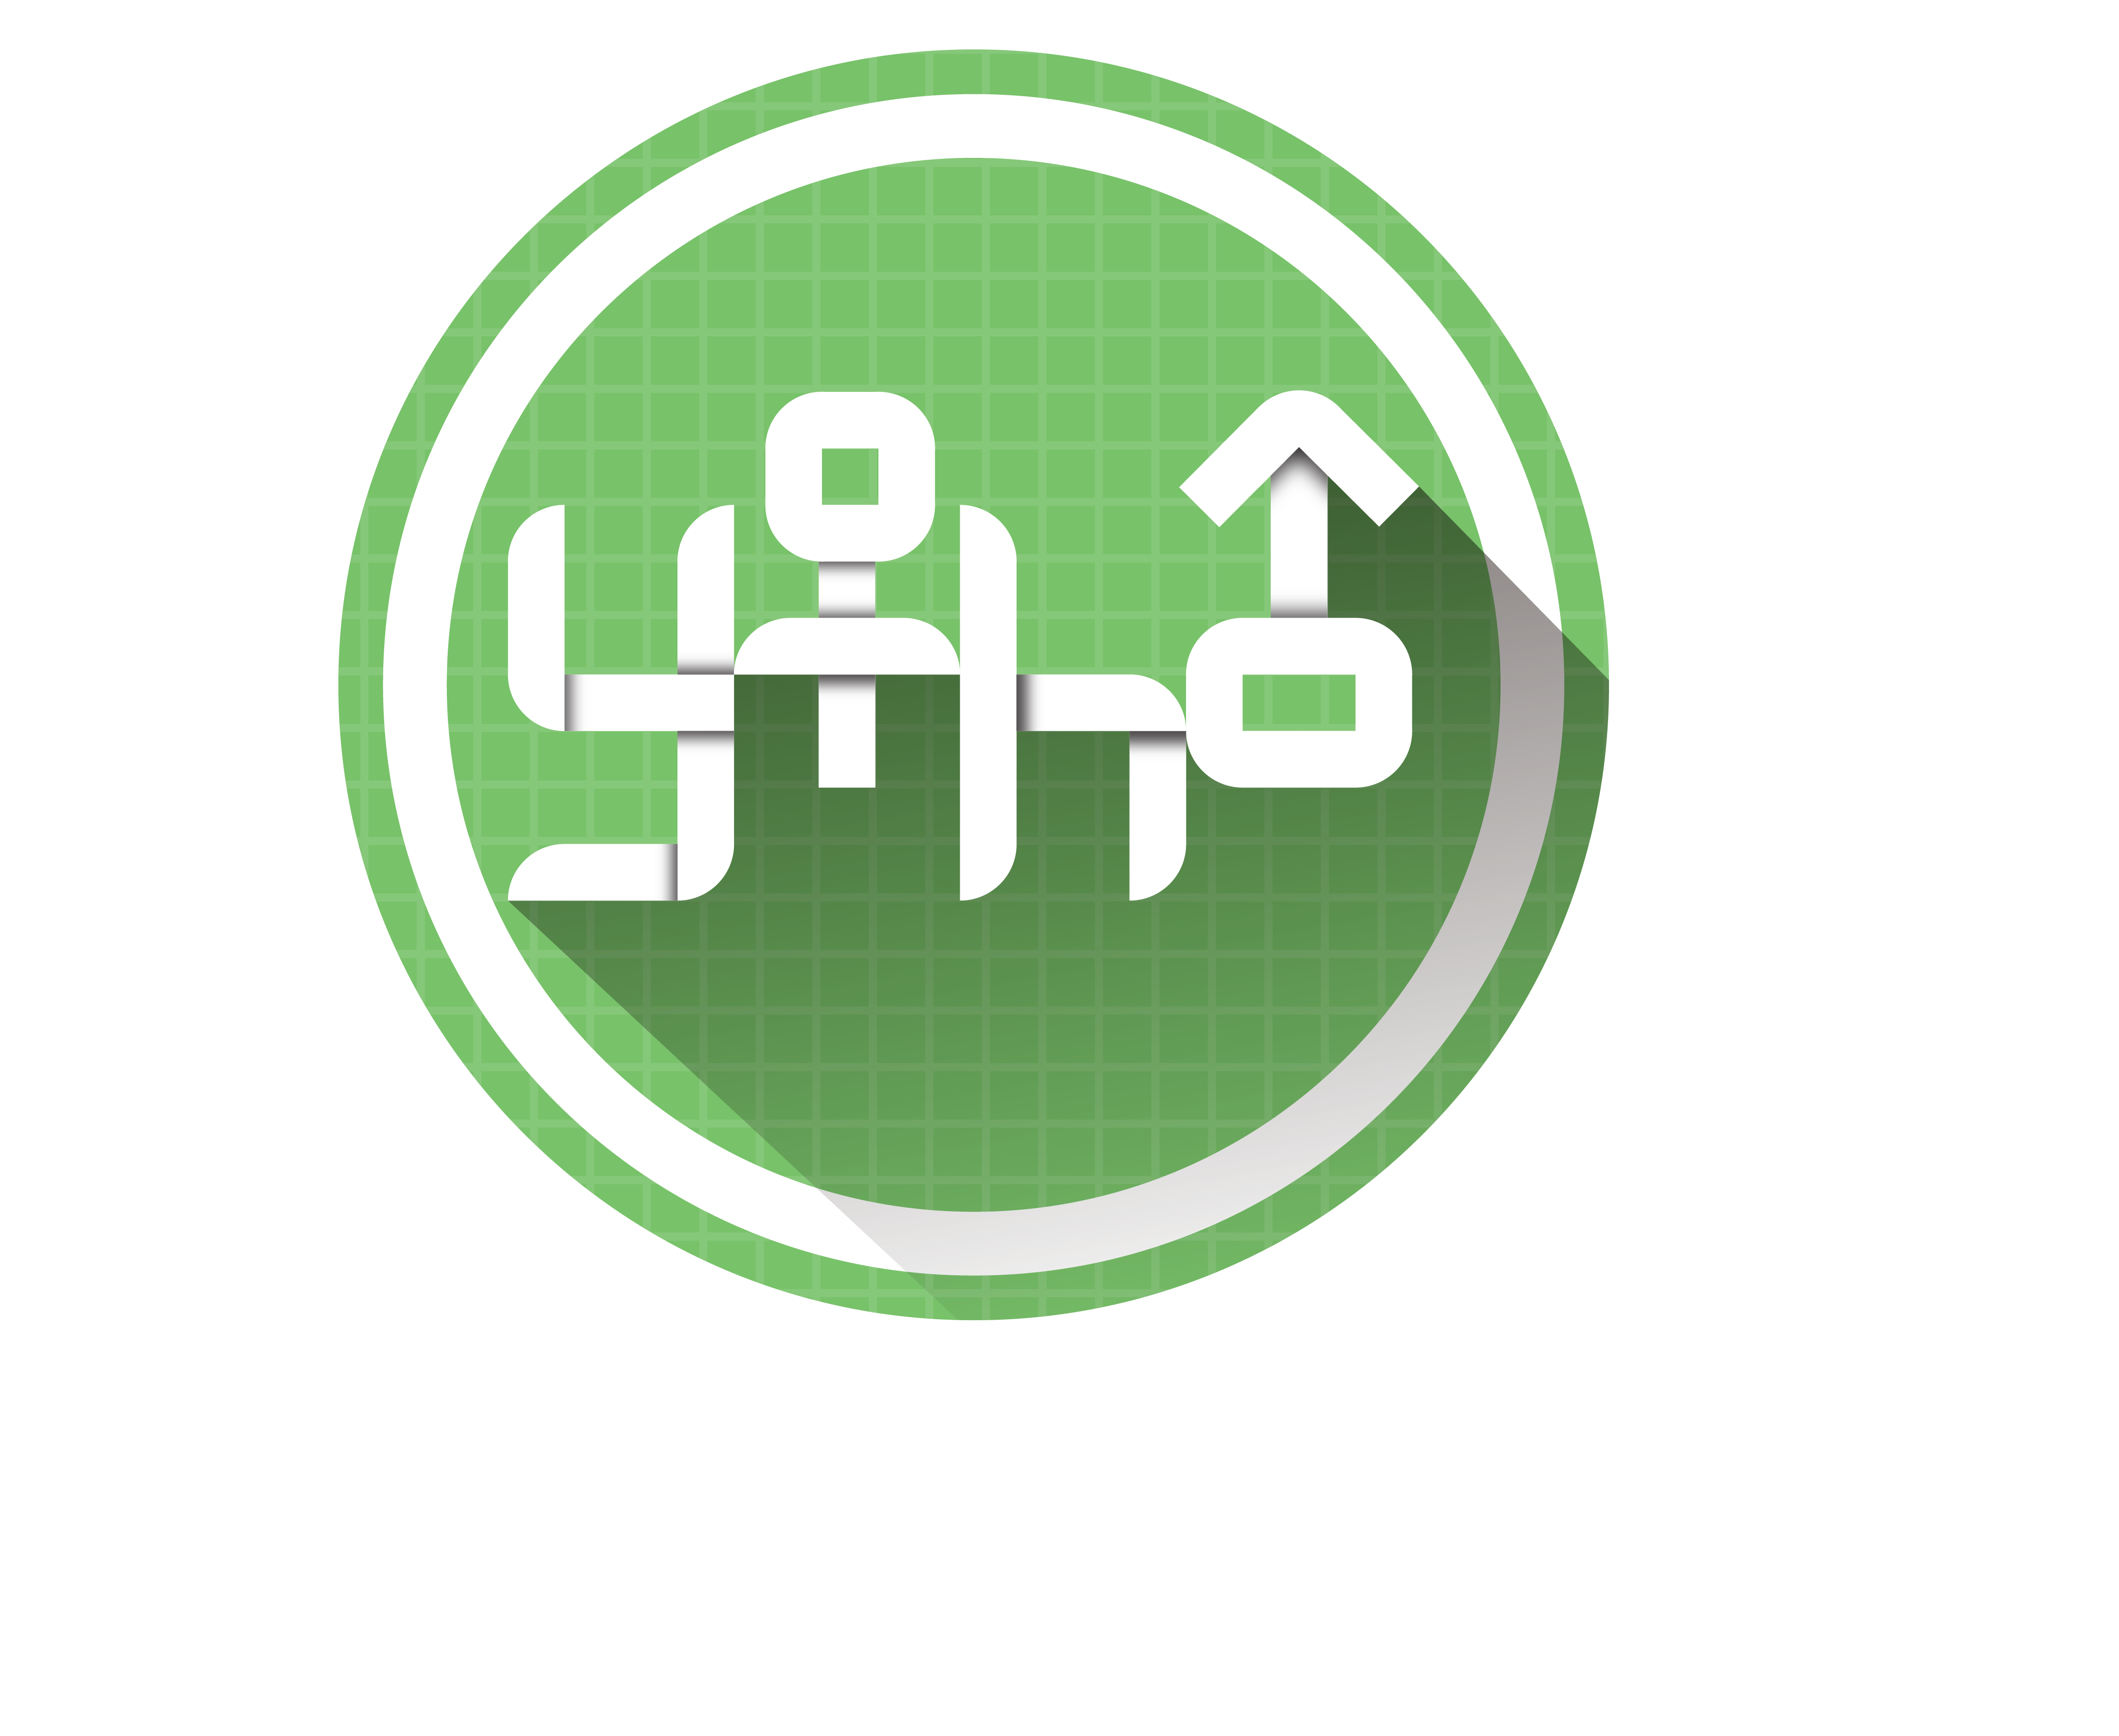 青春logo设计-社交商标图片